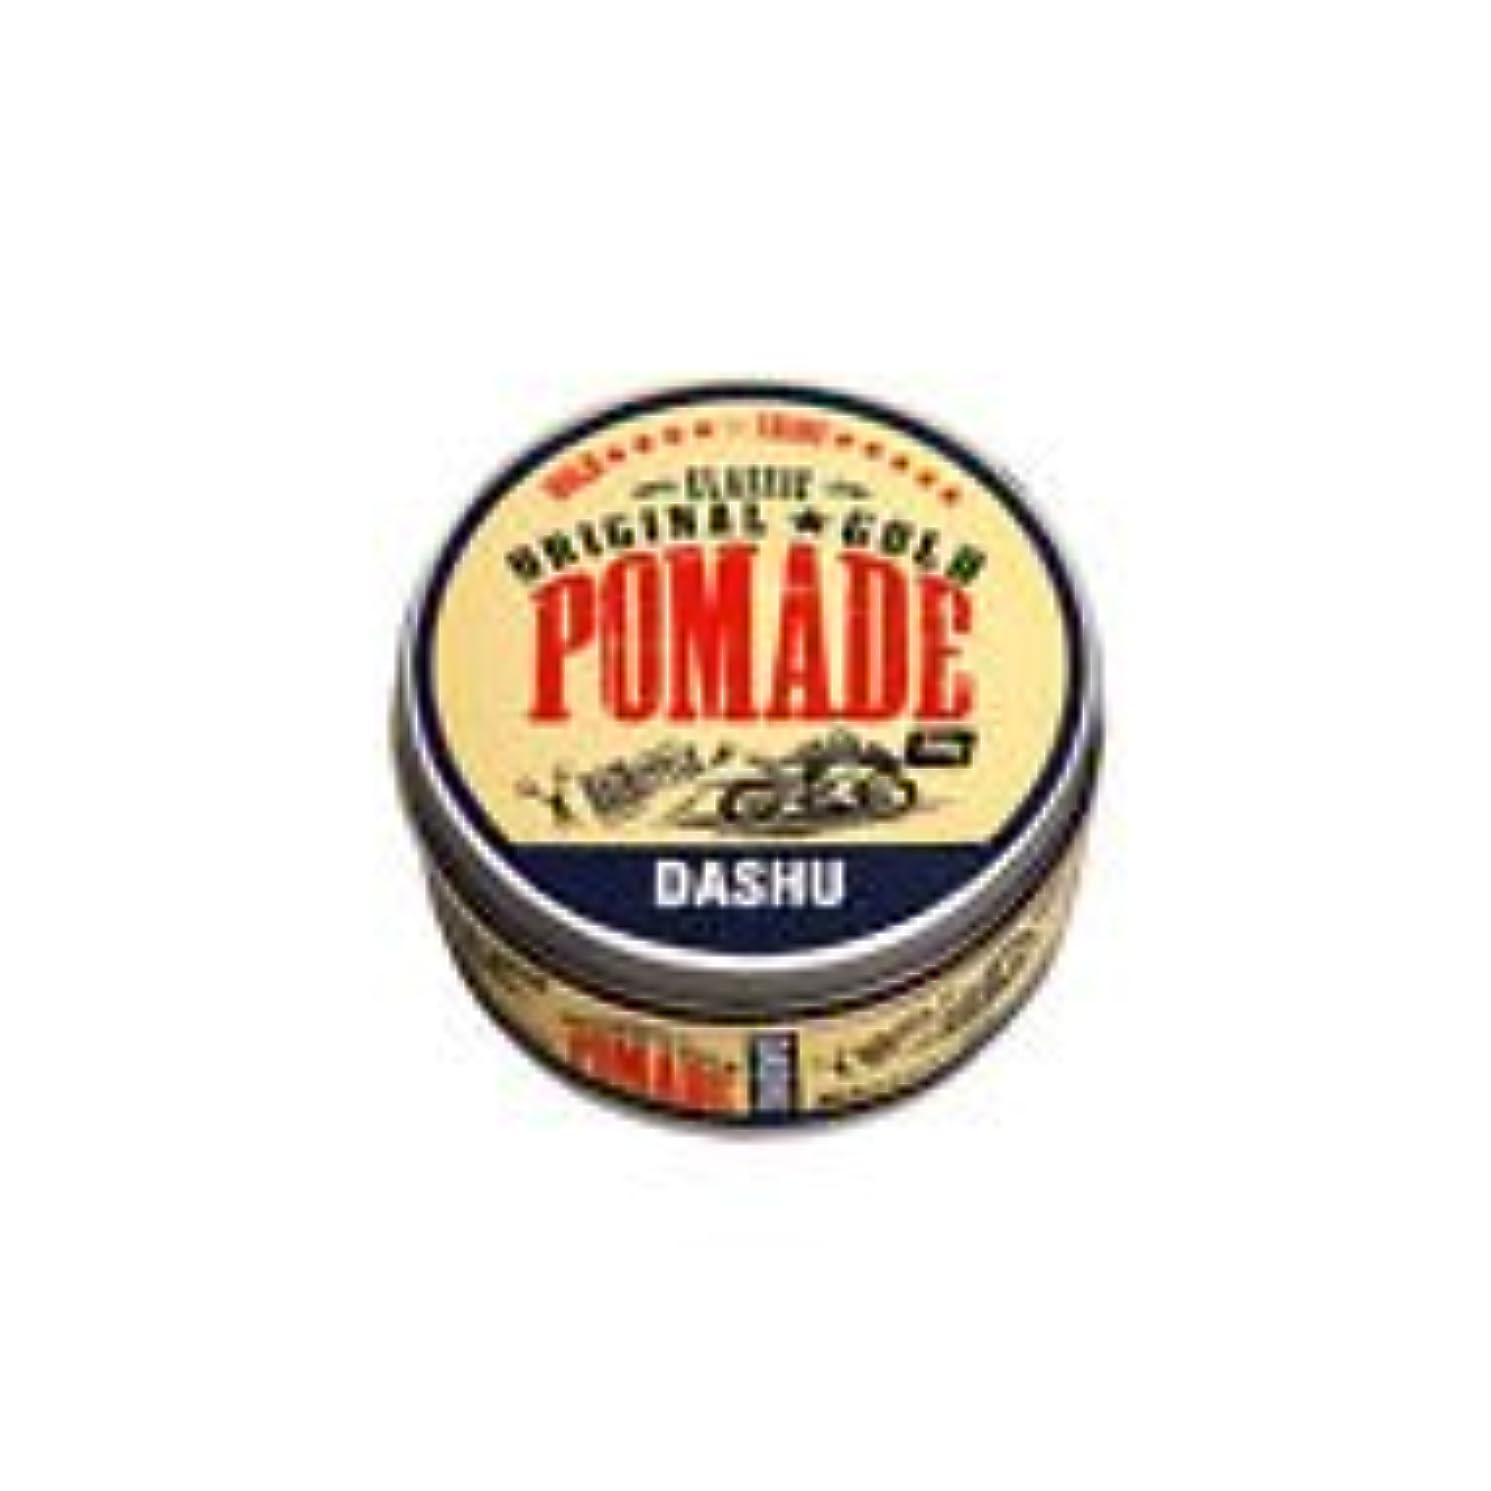 組み込むジョージバーナード訴える[DASHU] ダシュ クラシックオリジナルゴールドポマードヘアワックス Classic Original Gold Pomade Hair Wax 100ml / 韓国製 . 韓国直送品